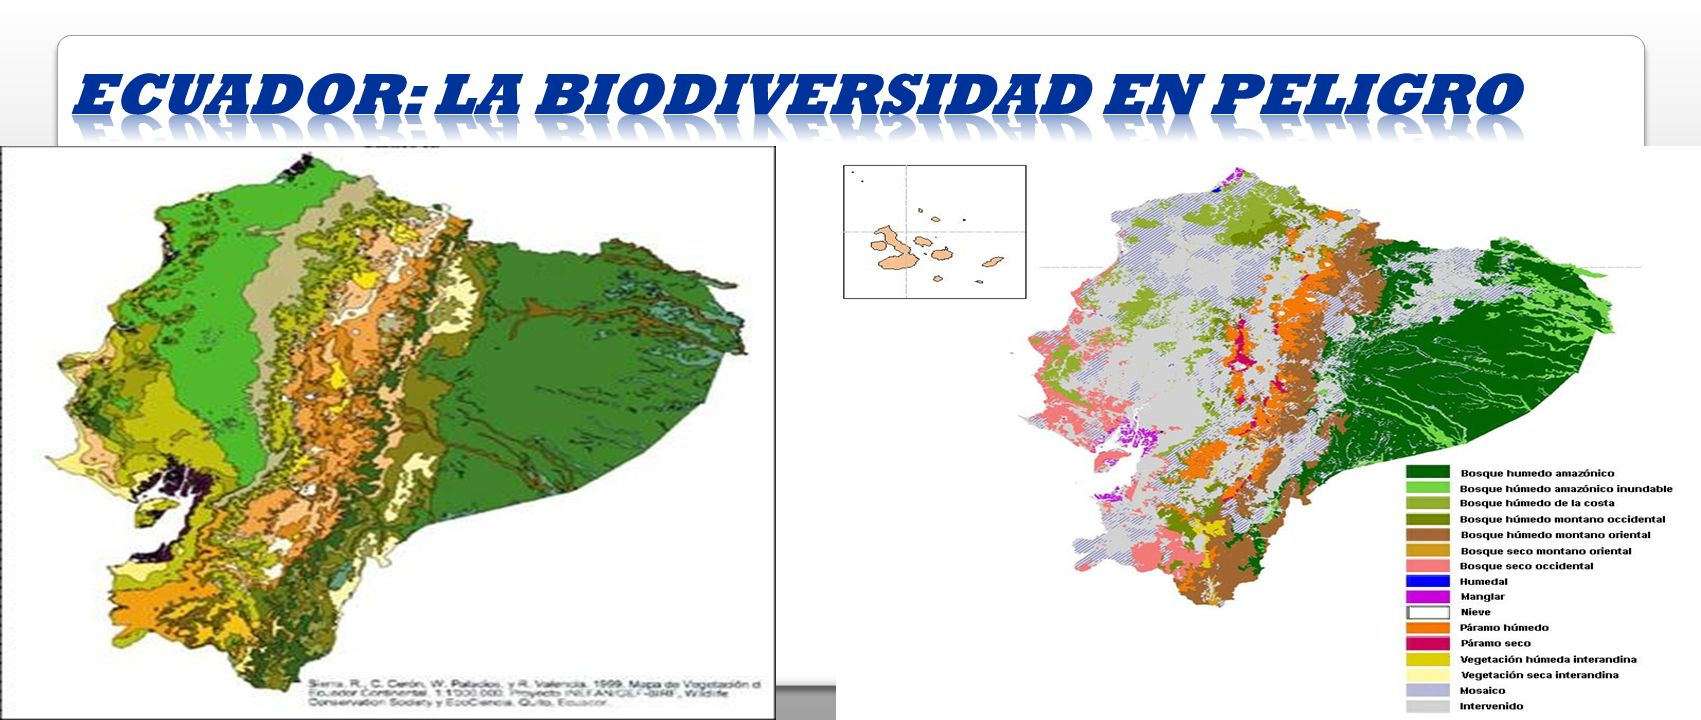 Ecuador: La biodiversidad en peligro